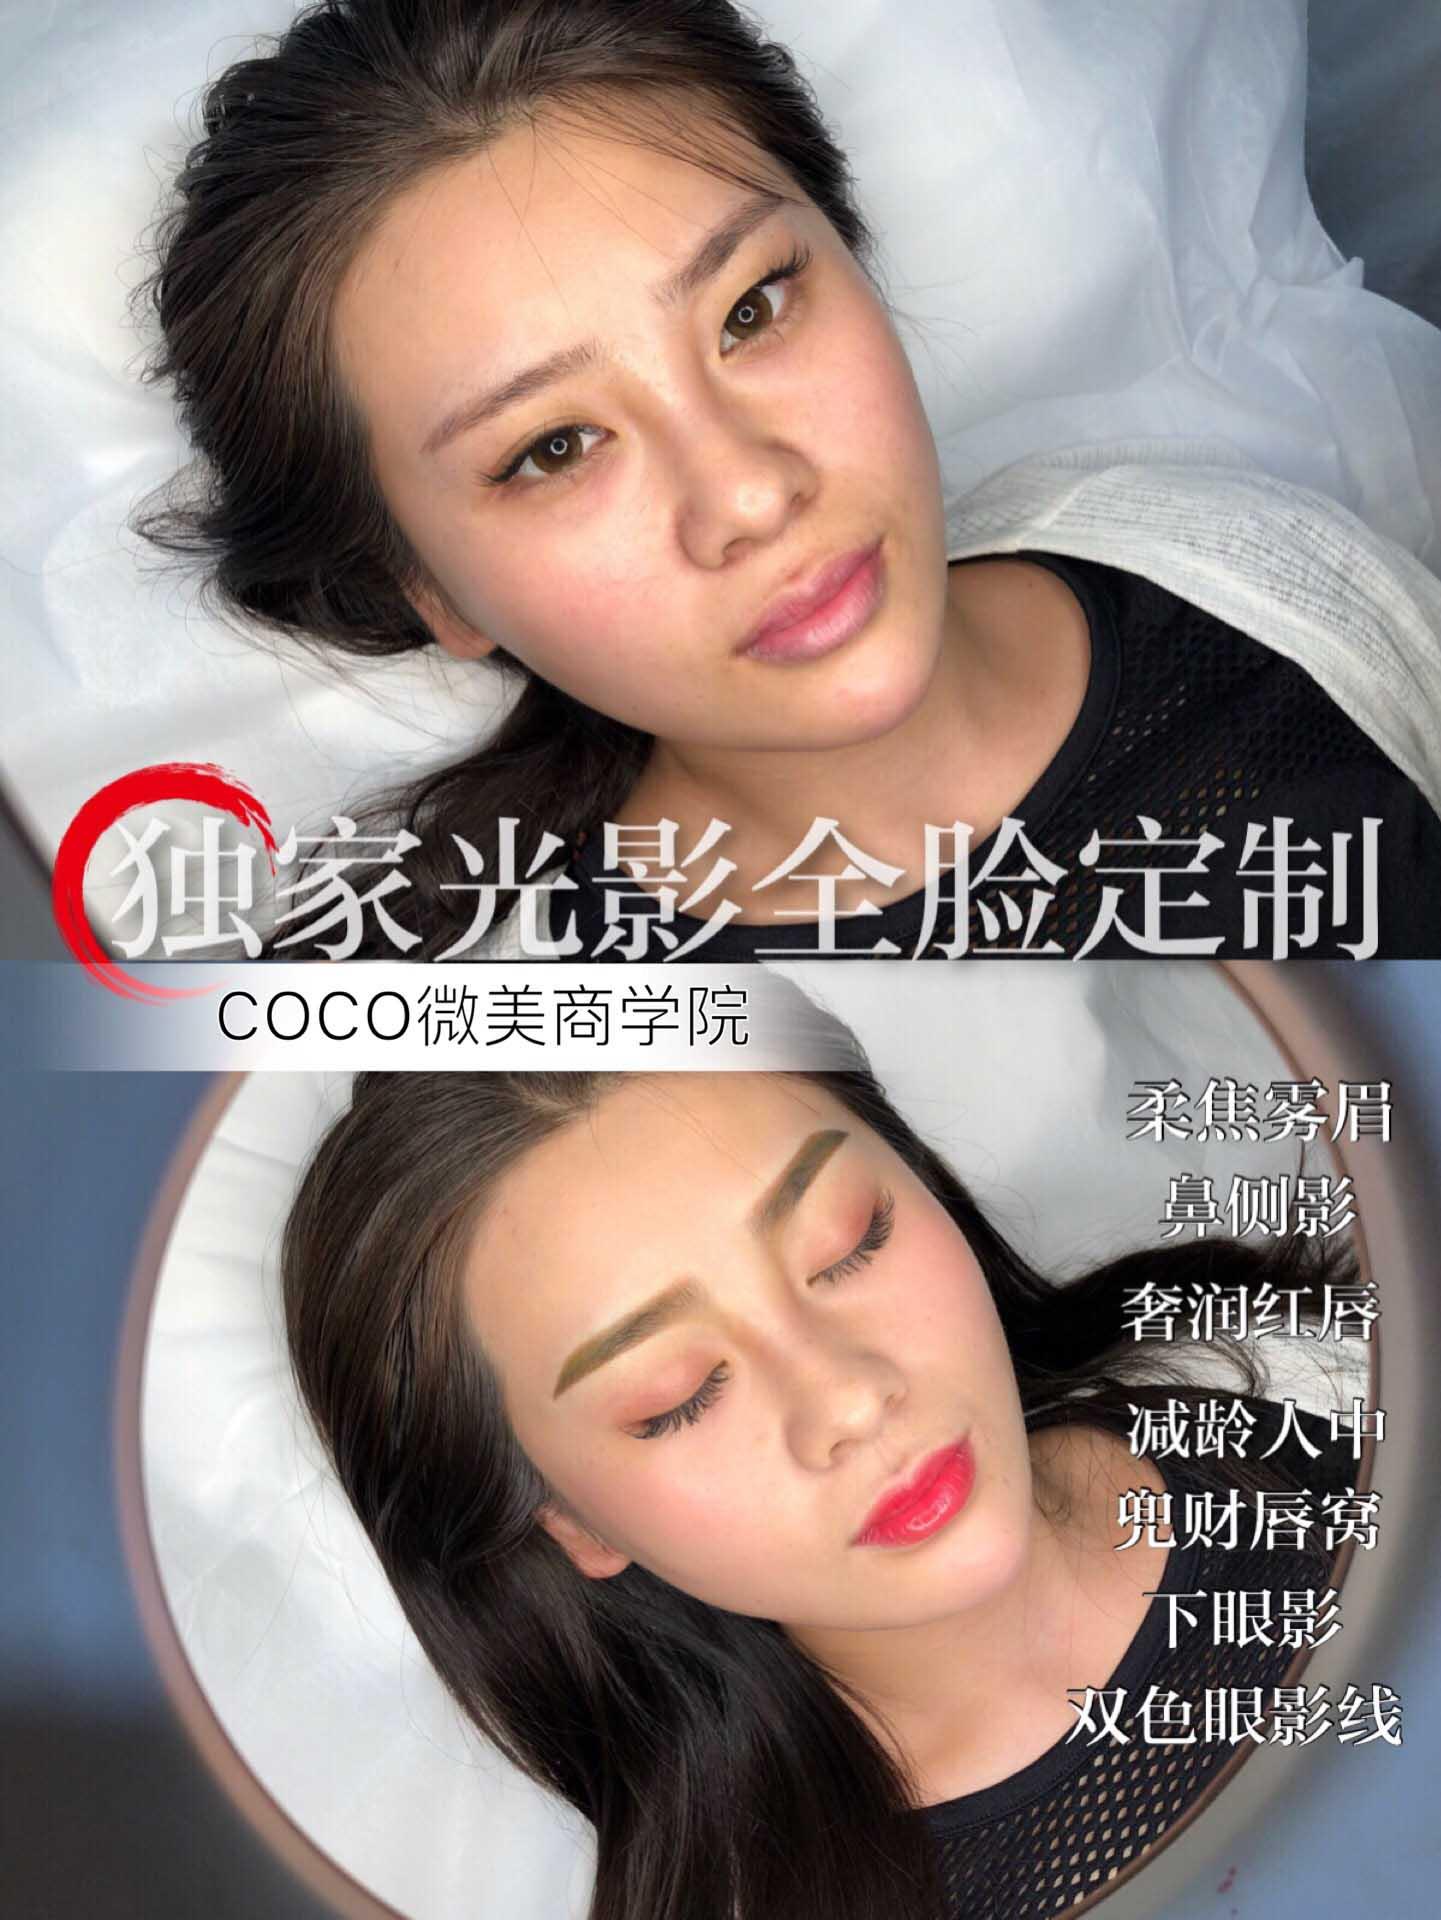 半永久光影定妆培训哪家好-【郑州】实惠的光影全脸定妆